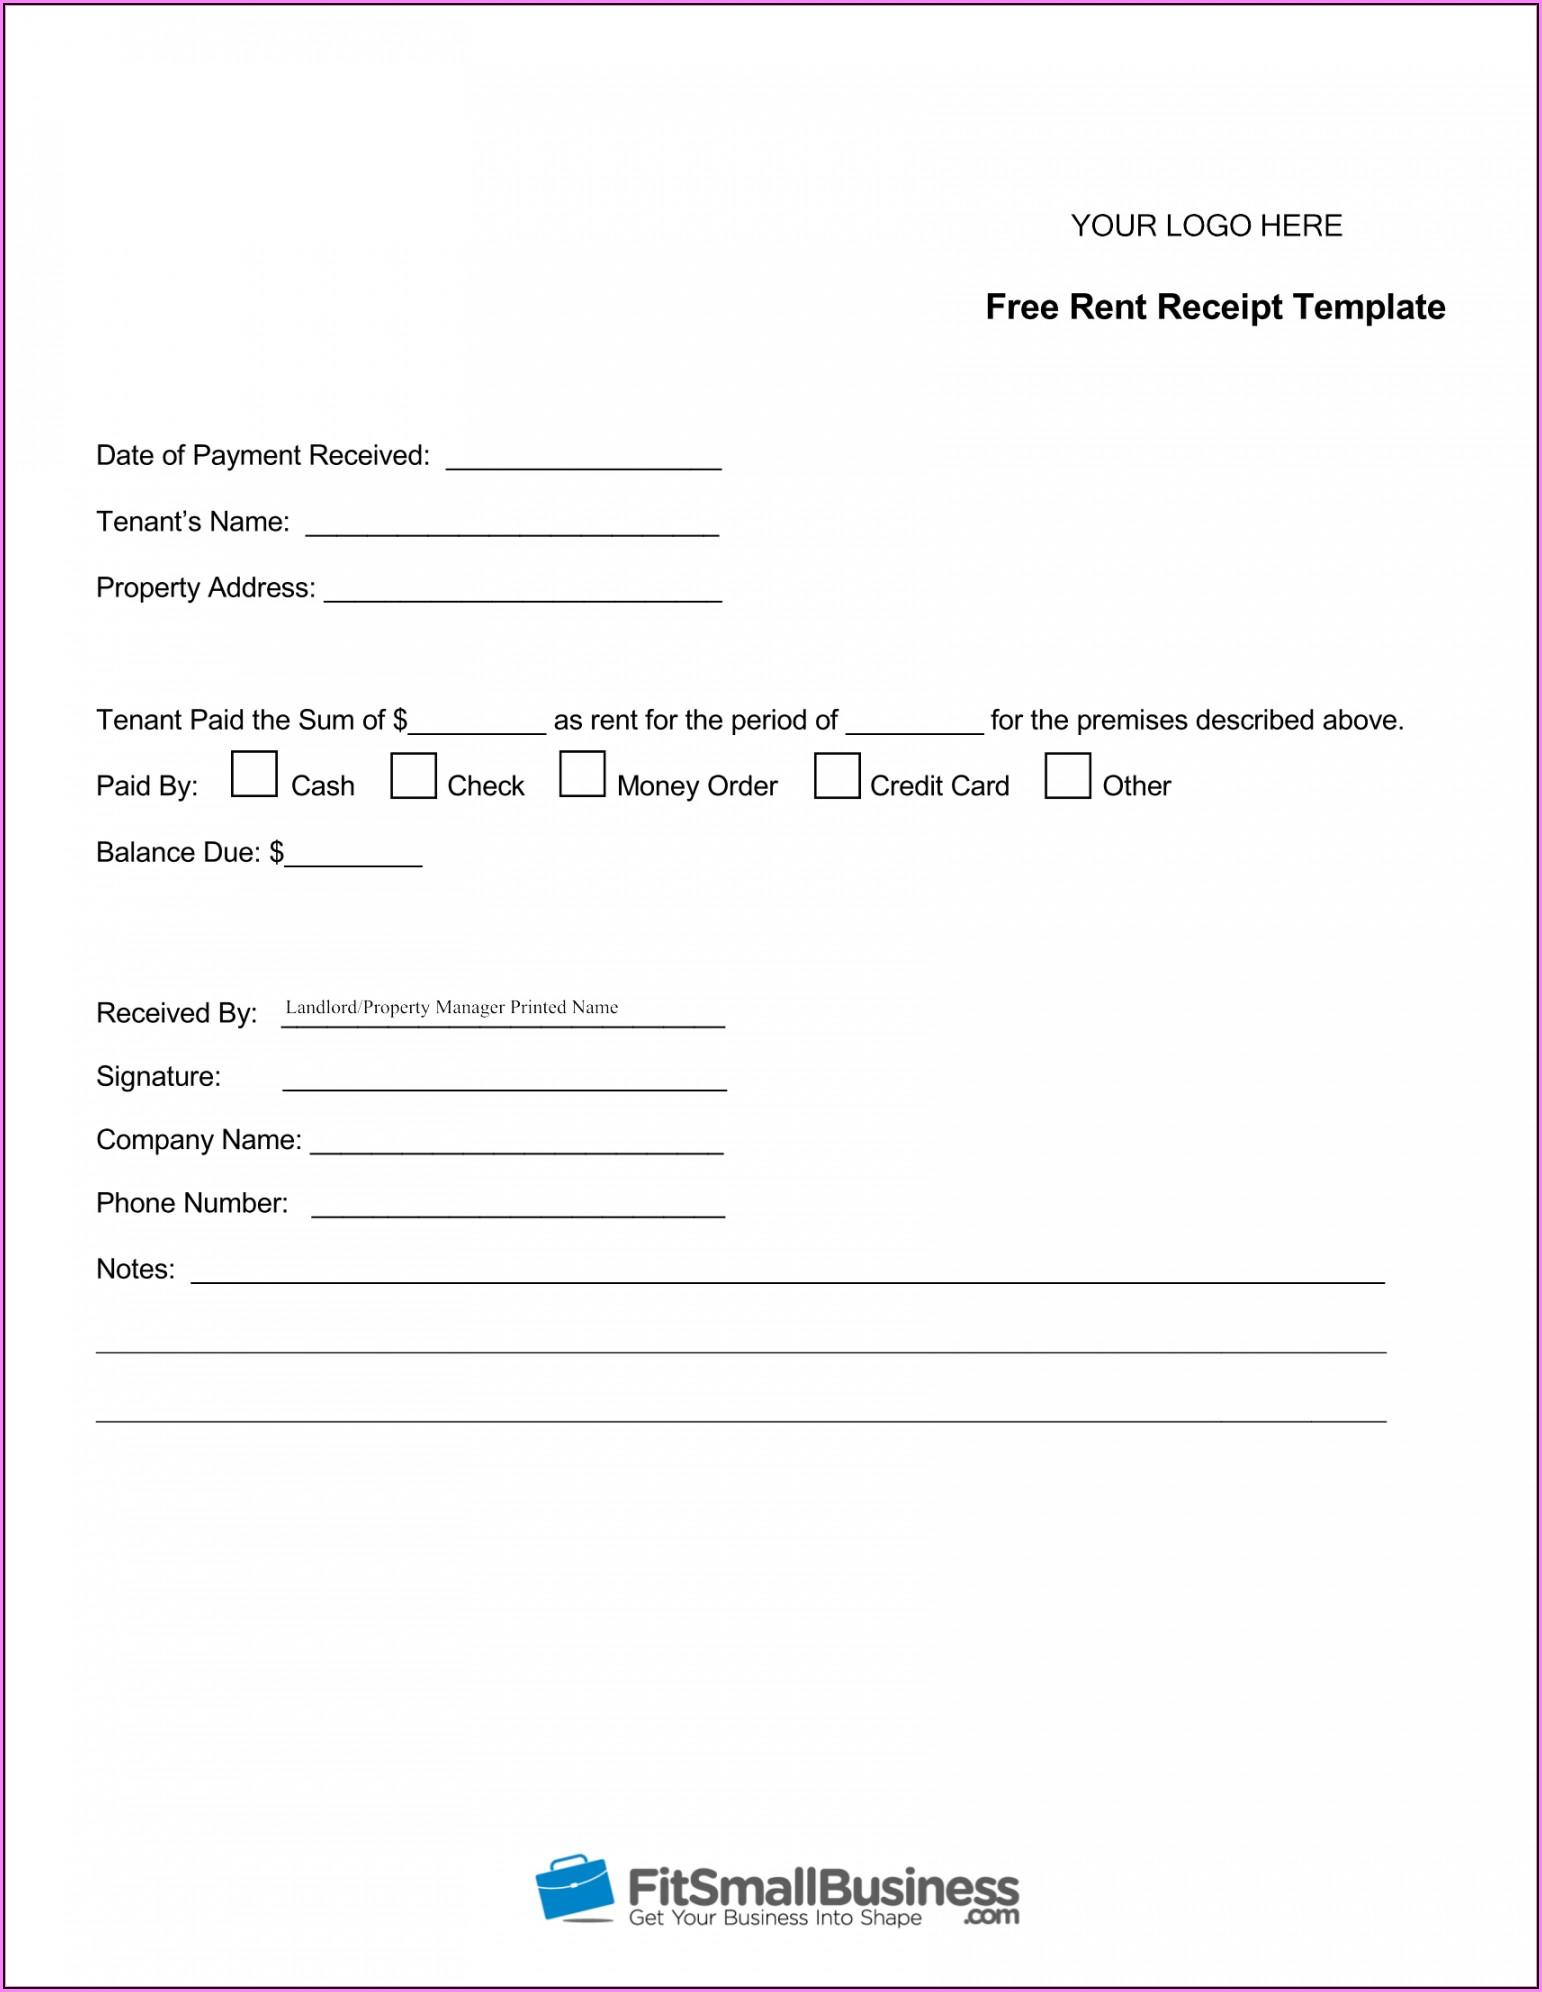 Free Printable Receipt Template Pdf